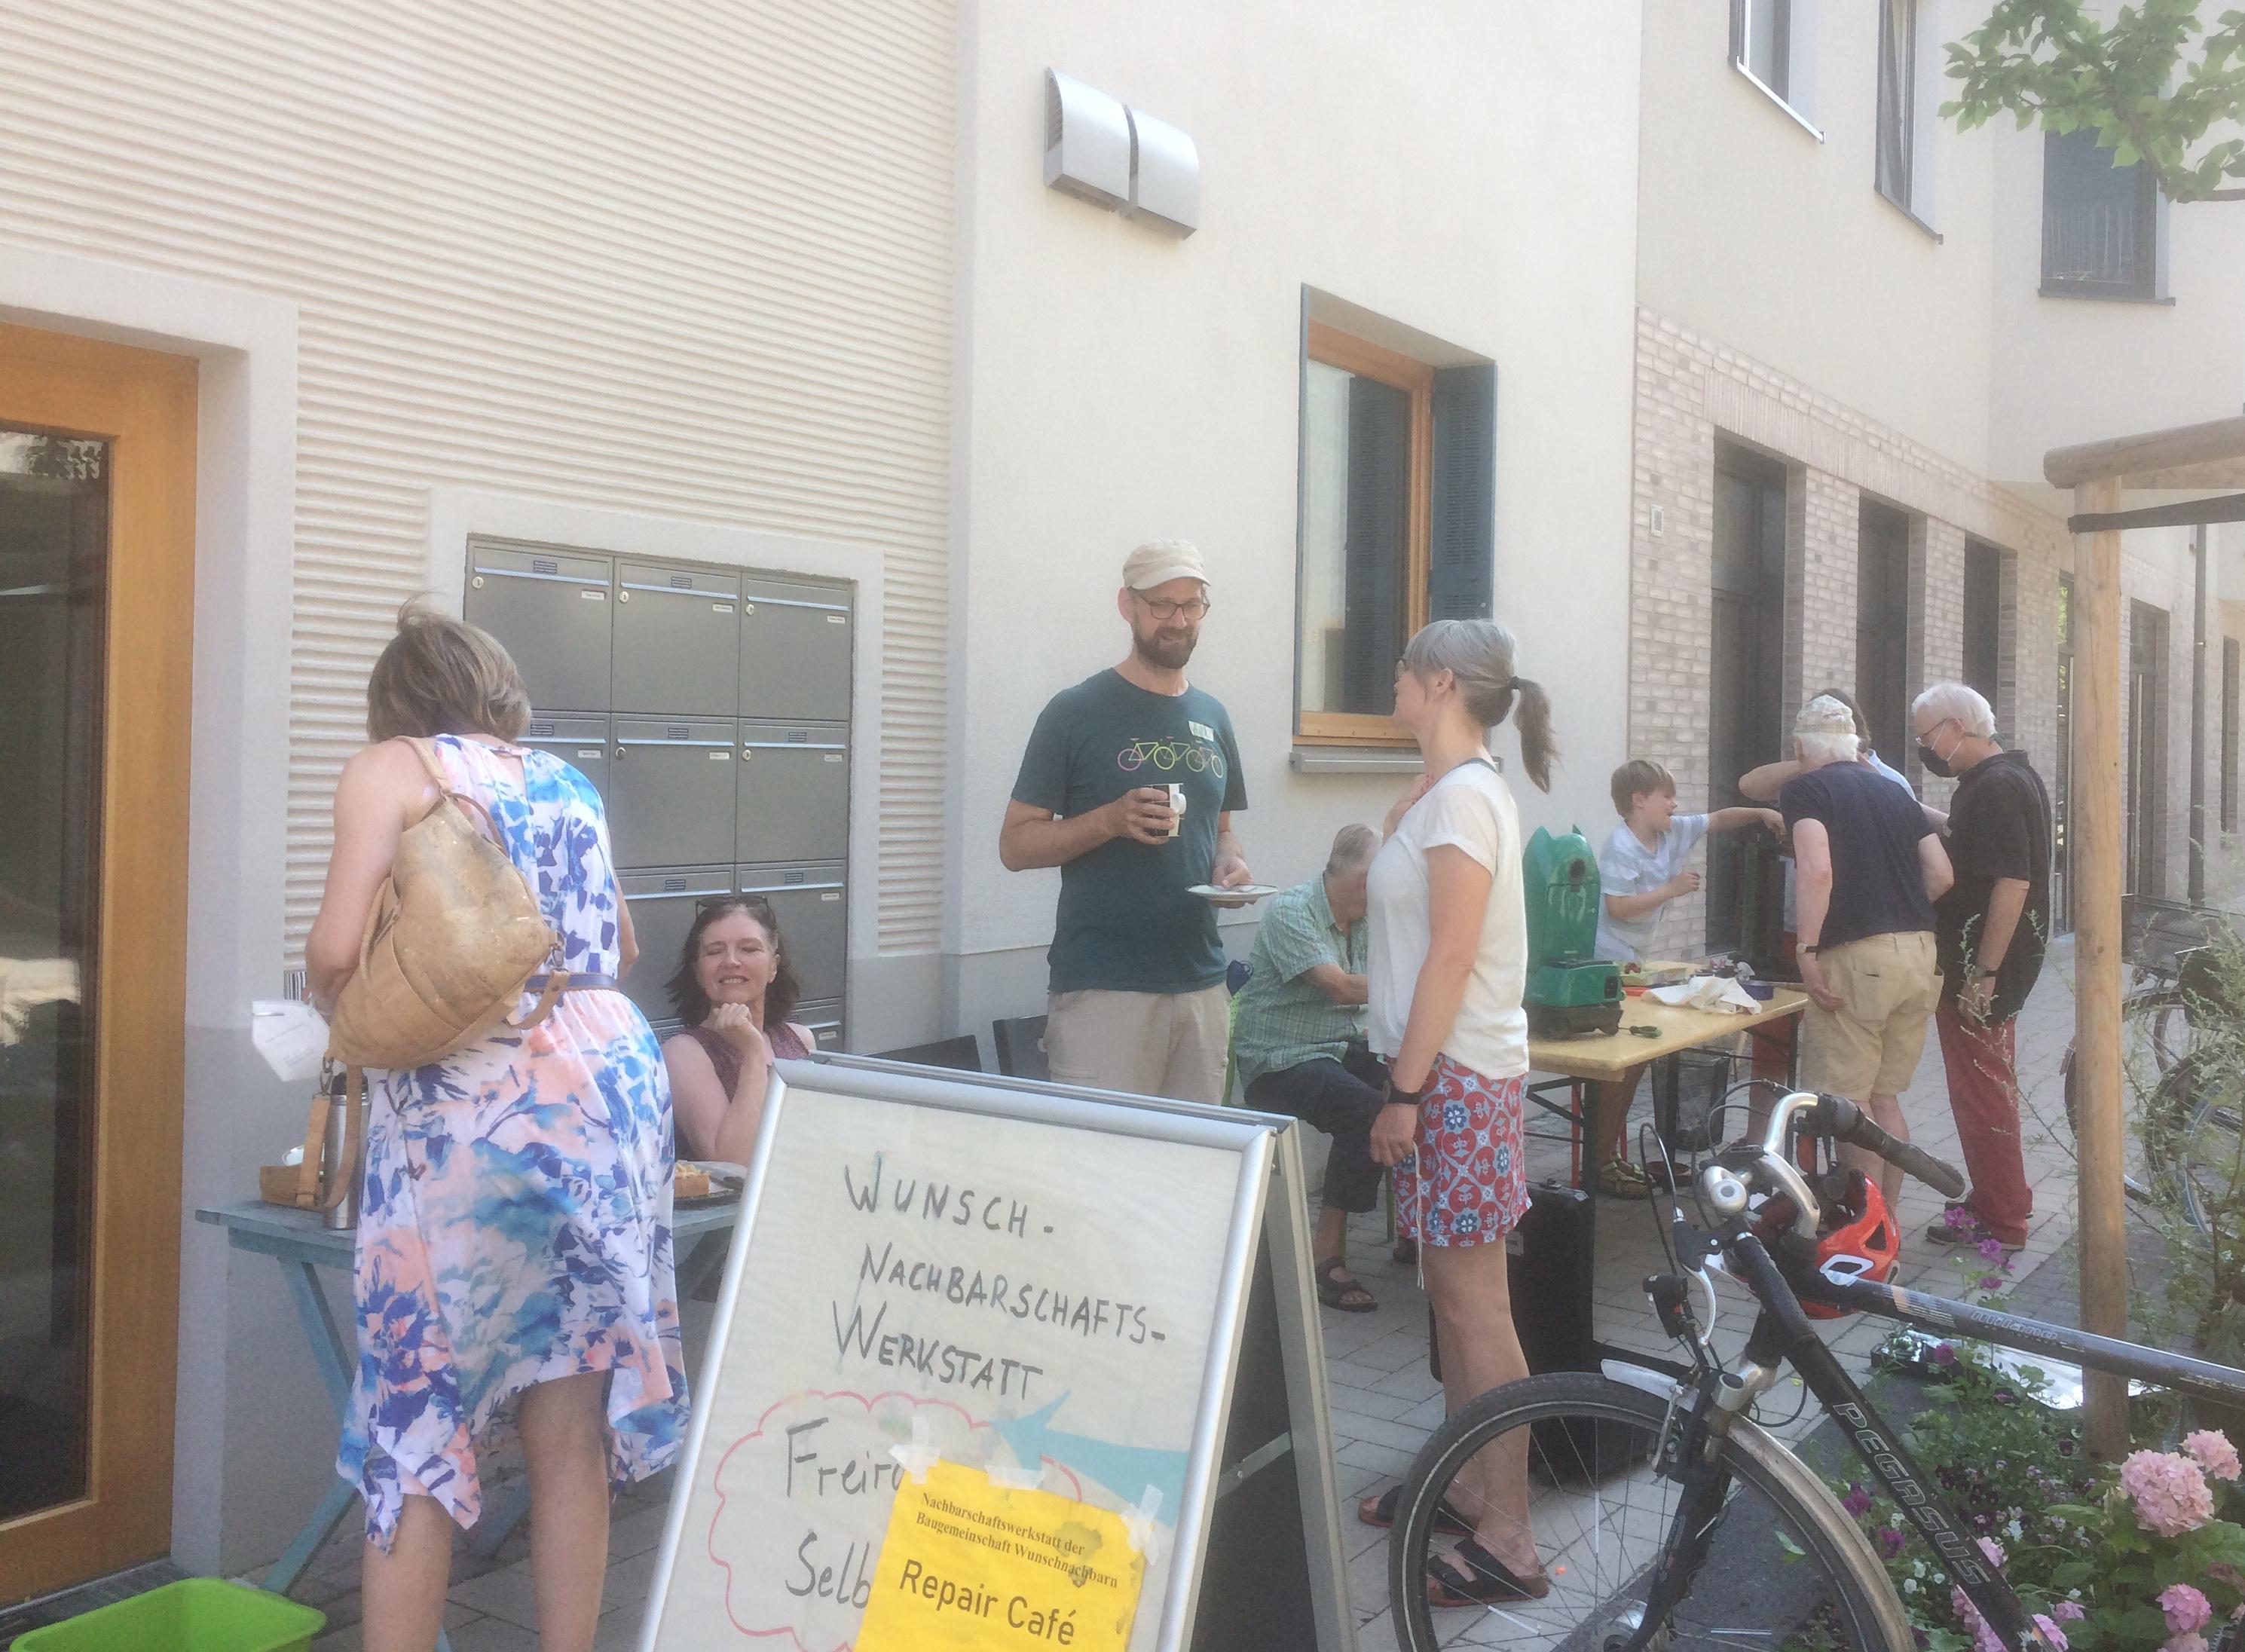 Repair Café Szene - die unmaskierten sind aus einem Haushalt